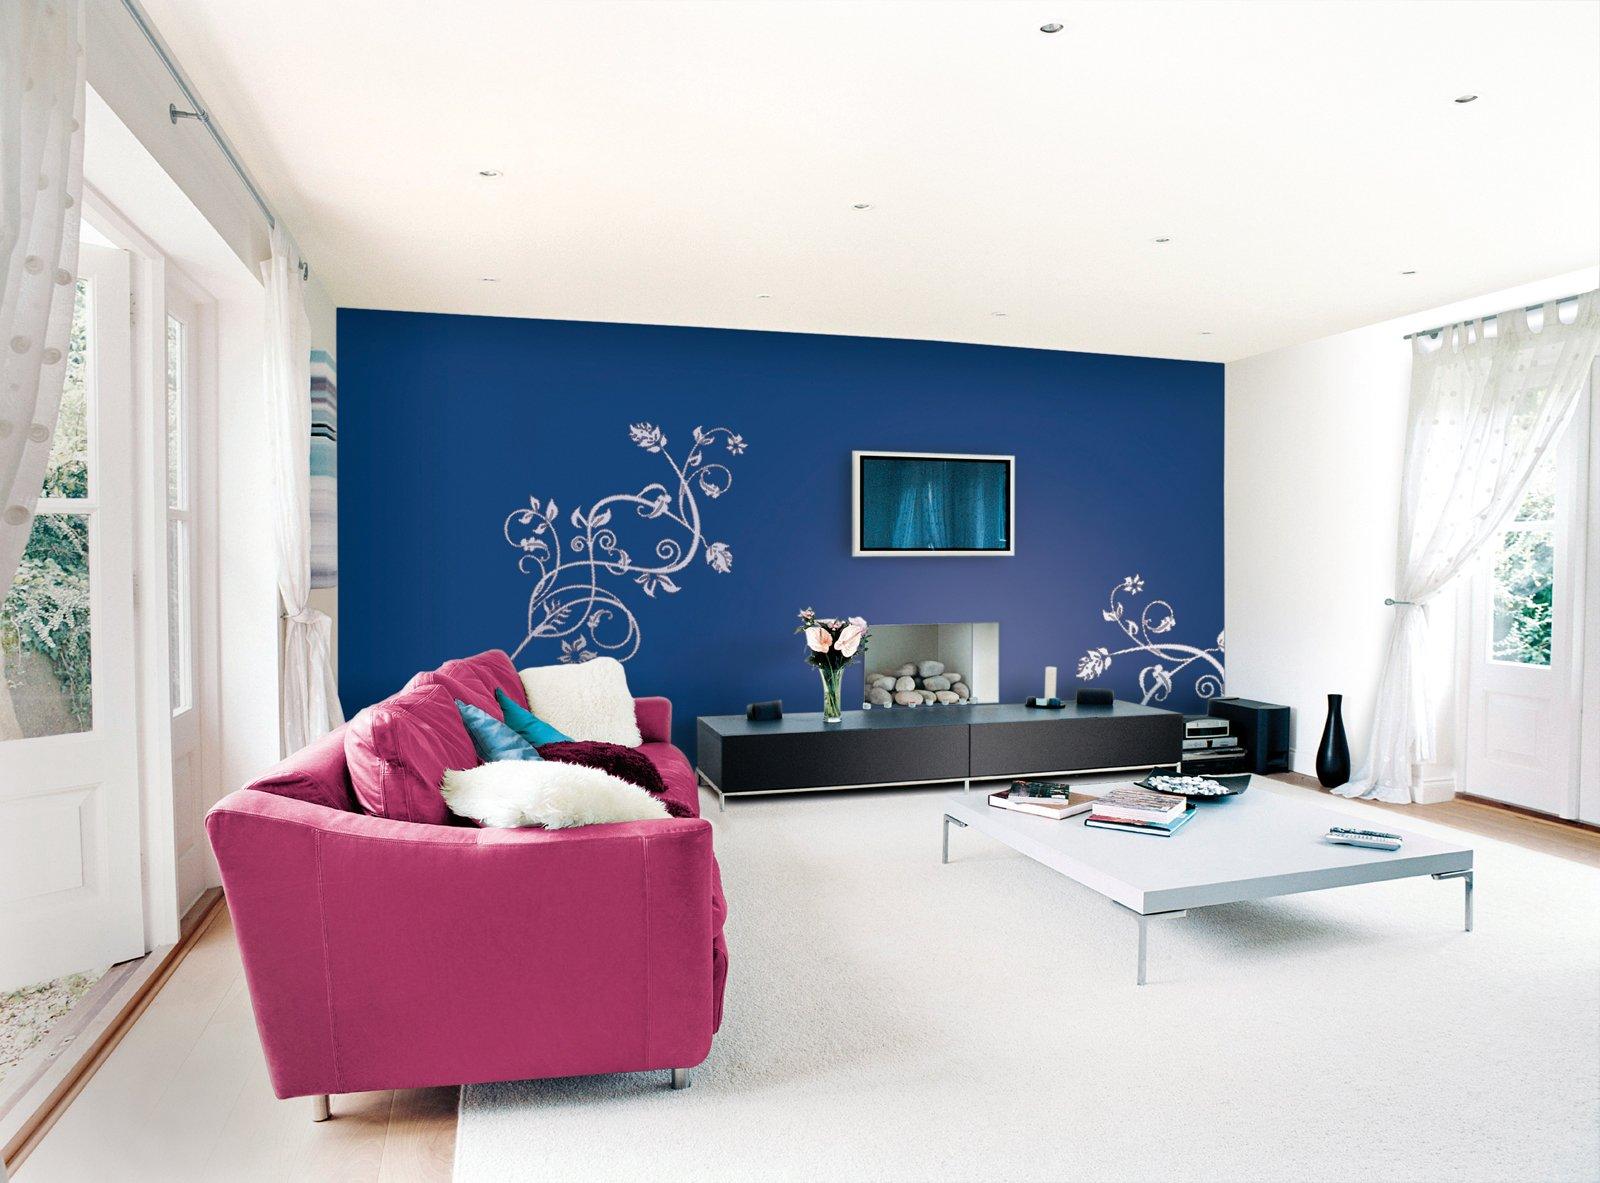 Rinnovare Pareti Di Casa vernici per rinnovare le pareti di casa: tipologie, come